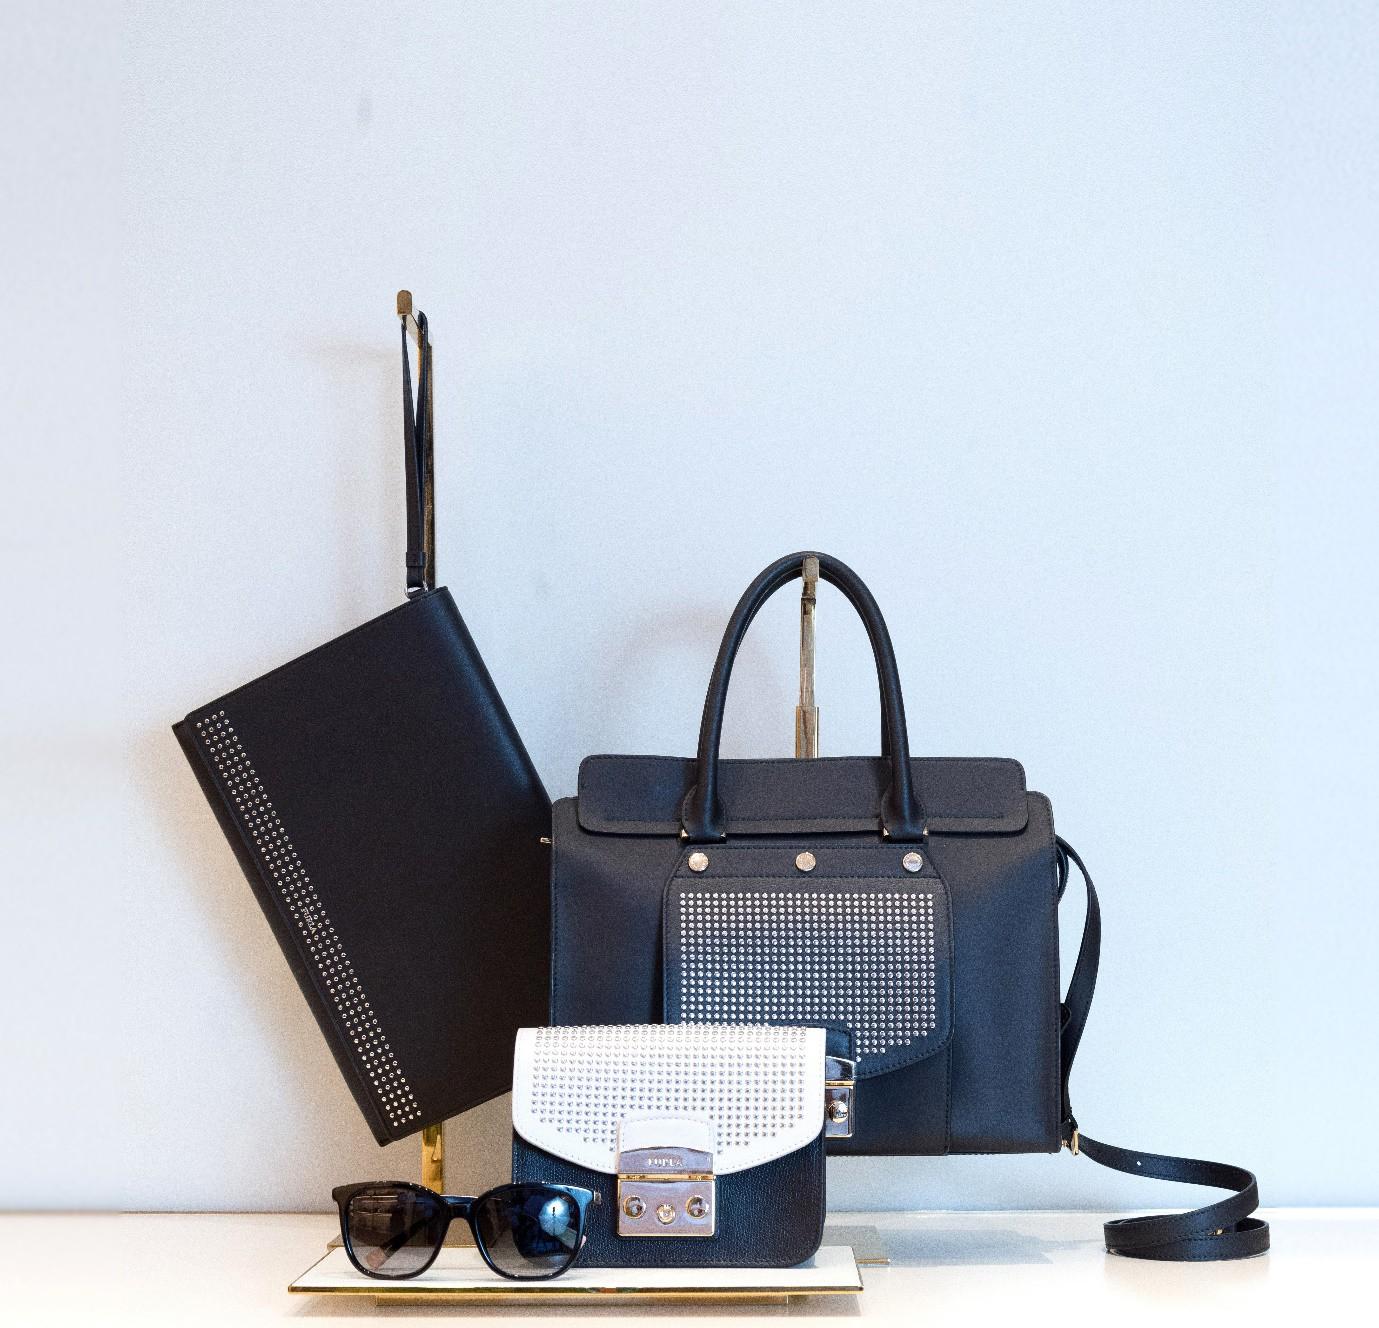 Săn sale cực đã, giảm giá lên đến 50% từ thương hiệu túi xách Furla - Ảnh 4.